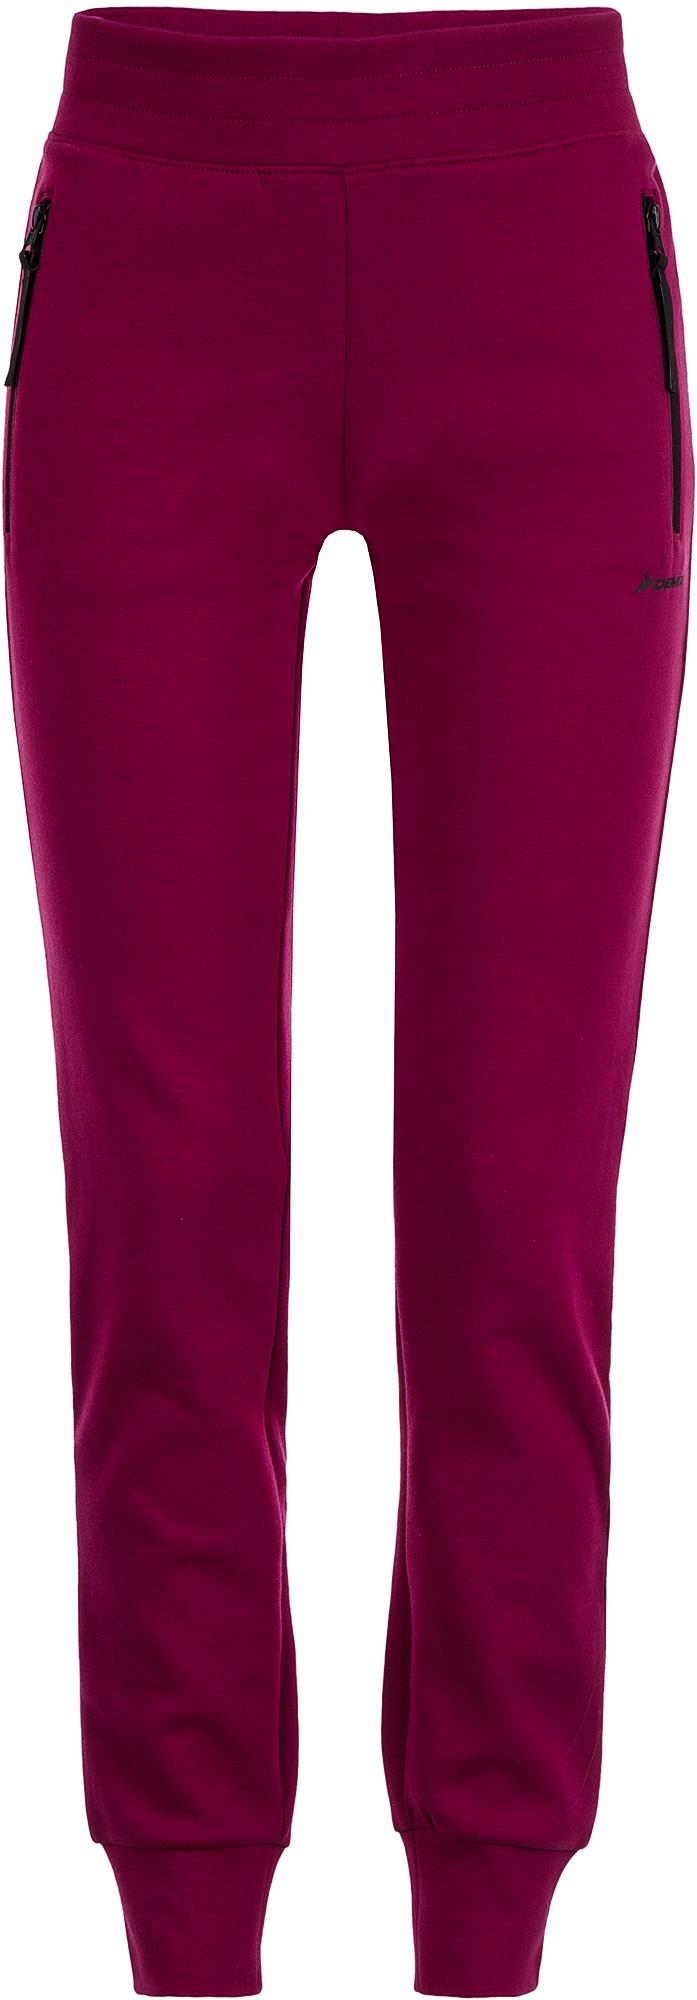 Demix Брюки женские Demix, размер 46 брюки женские oodji цвет светло серый меланж 16701010b 46980 2000m размер m 46